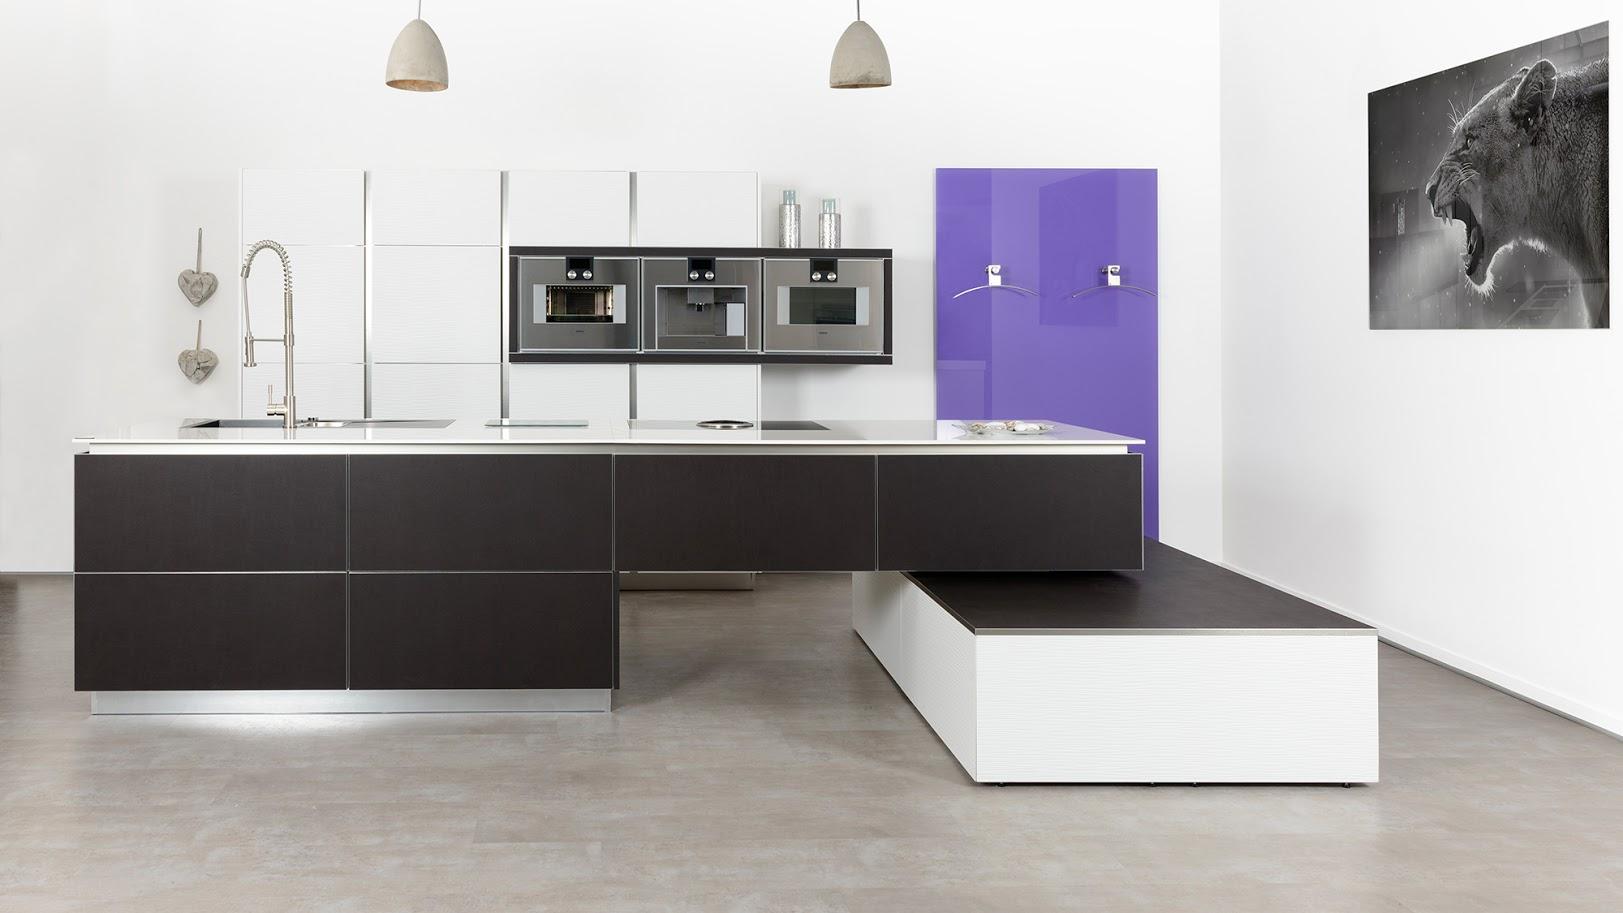 familienk chen planen sie ihre k che mit den profis in kassel. Black Bedroom Furniture Sets. Home Design Ideas